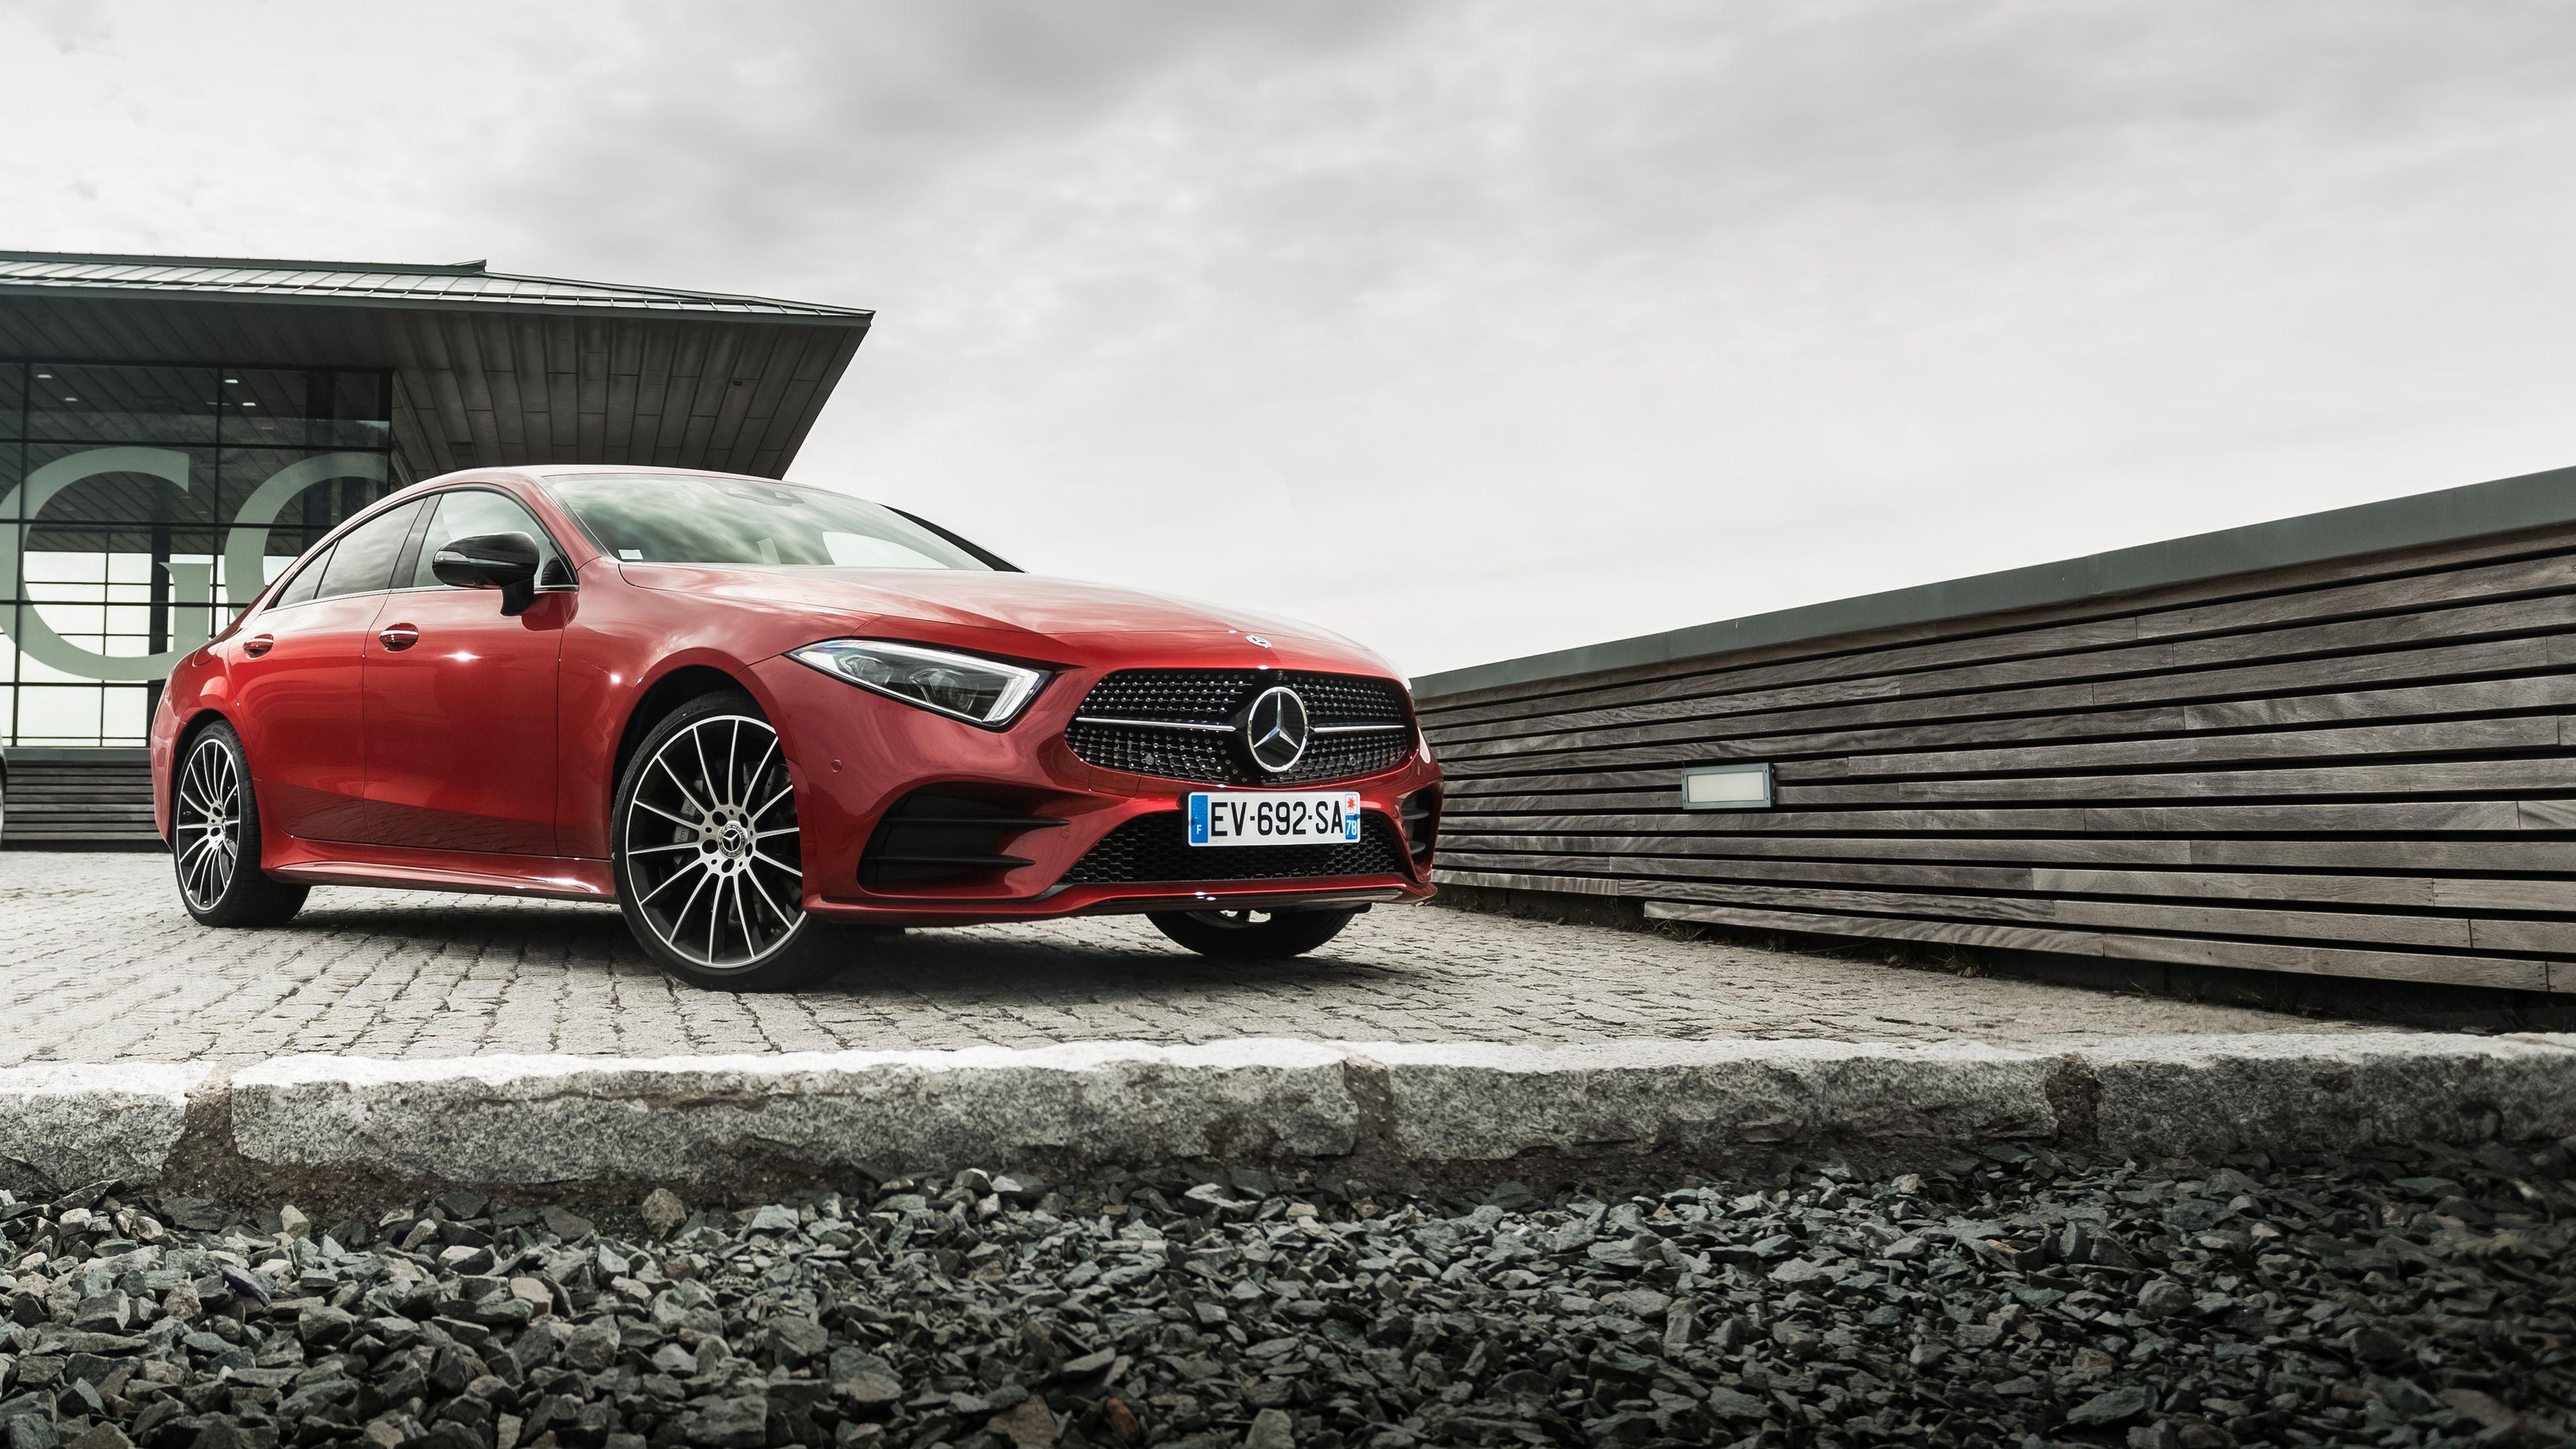 Wallpaper 4k Mercedes Benz Cls 400 D 4matic Amg 2018 Cars